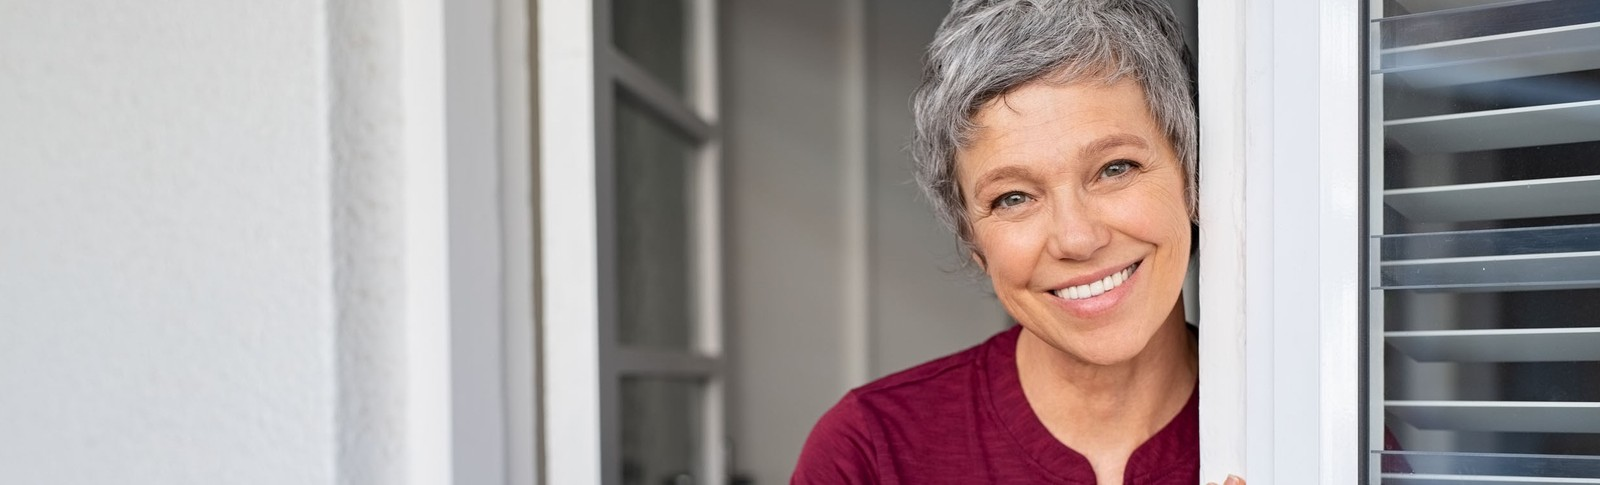 mittelalte Frau ist zufrieden mit dem Lippofilling in den Moser Kliniken